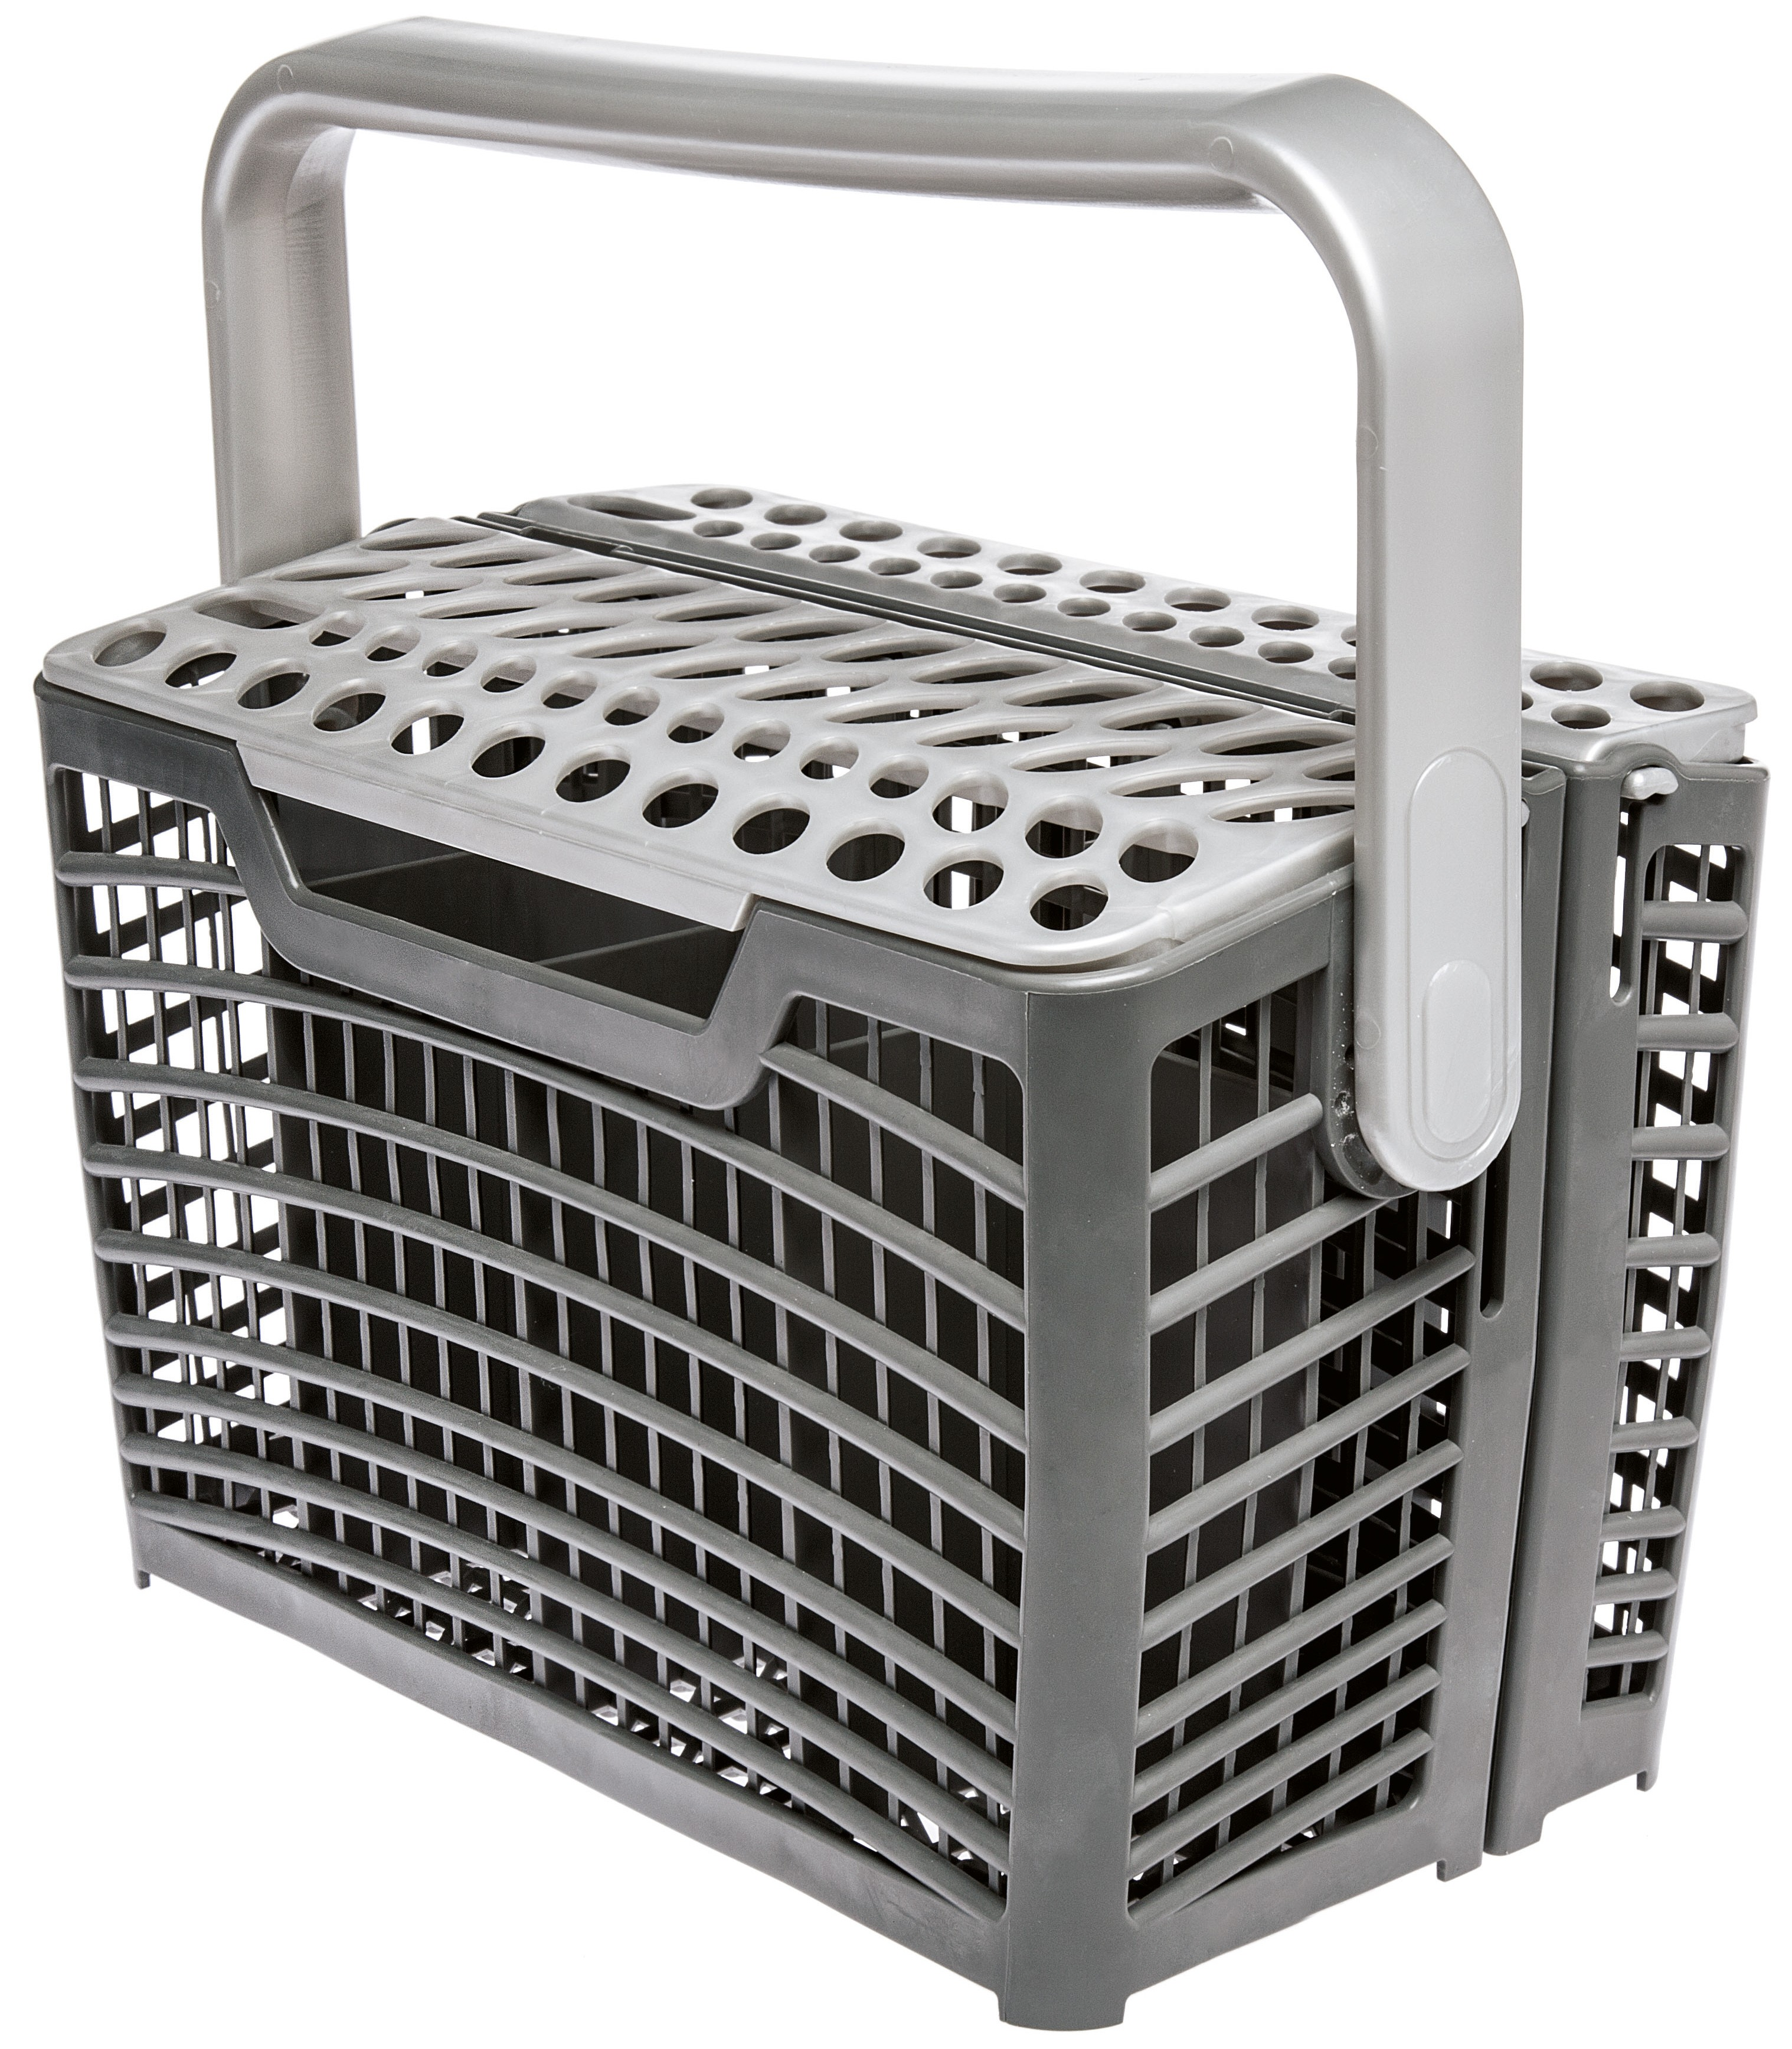 Electrolux bestikkurv til oppvaskmaskin CUTLERYBASKET